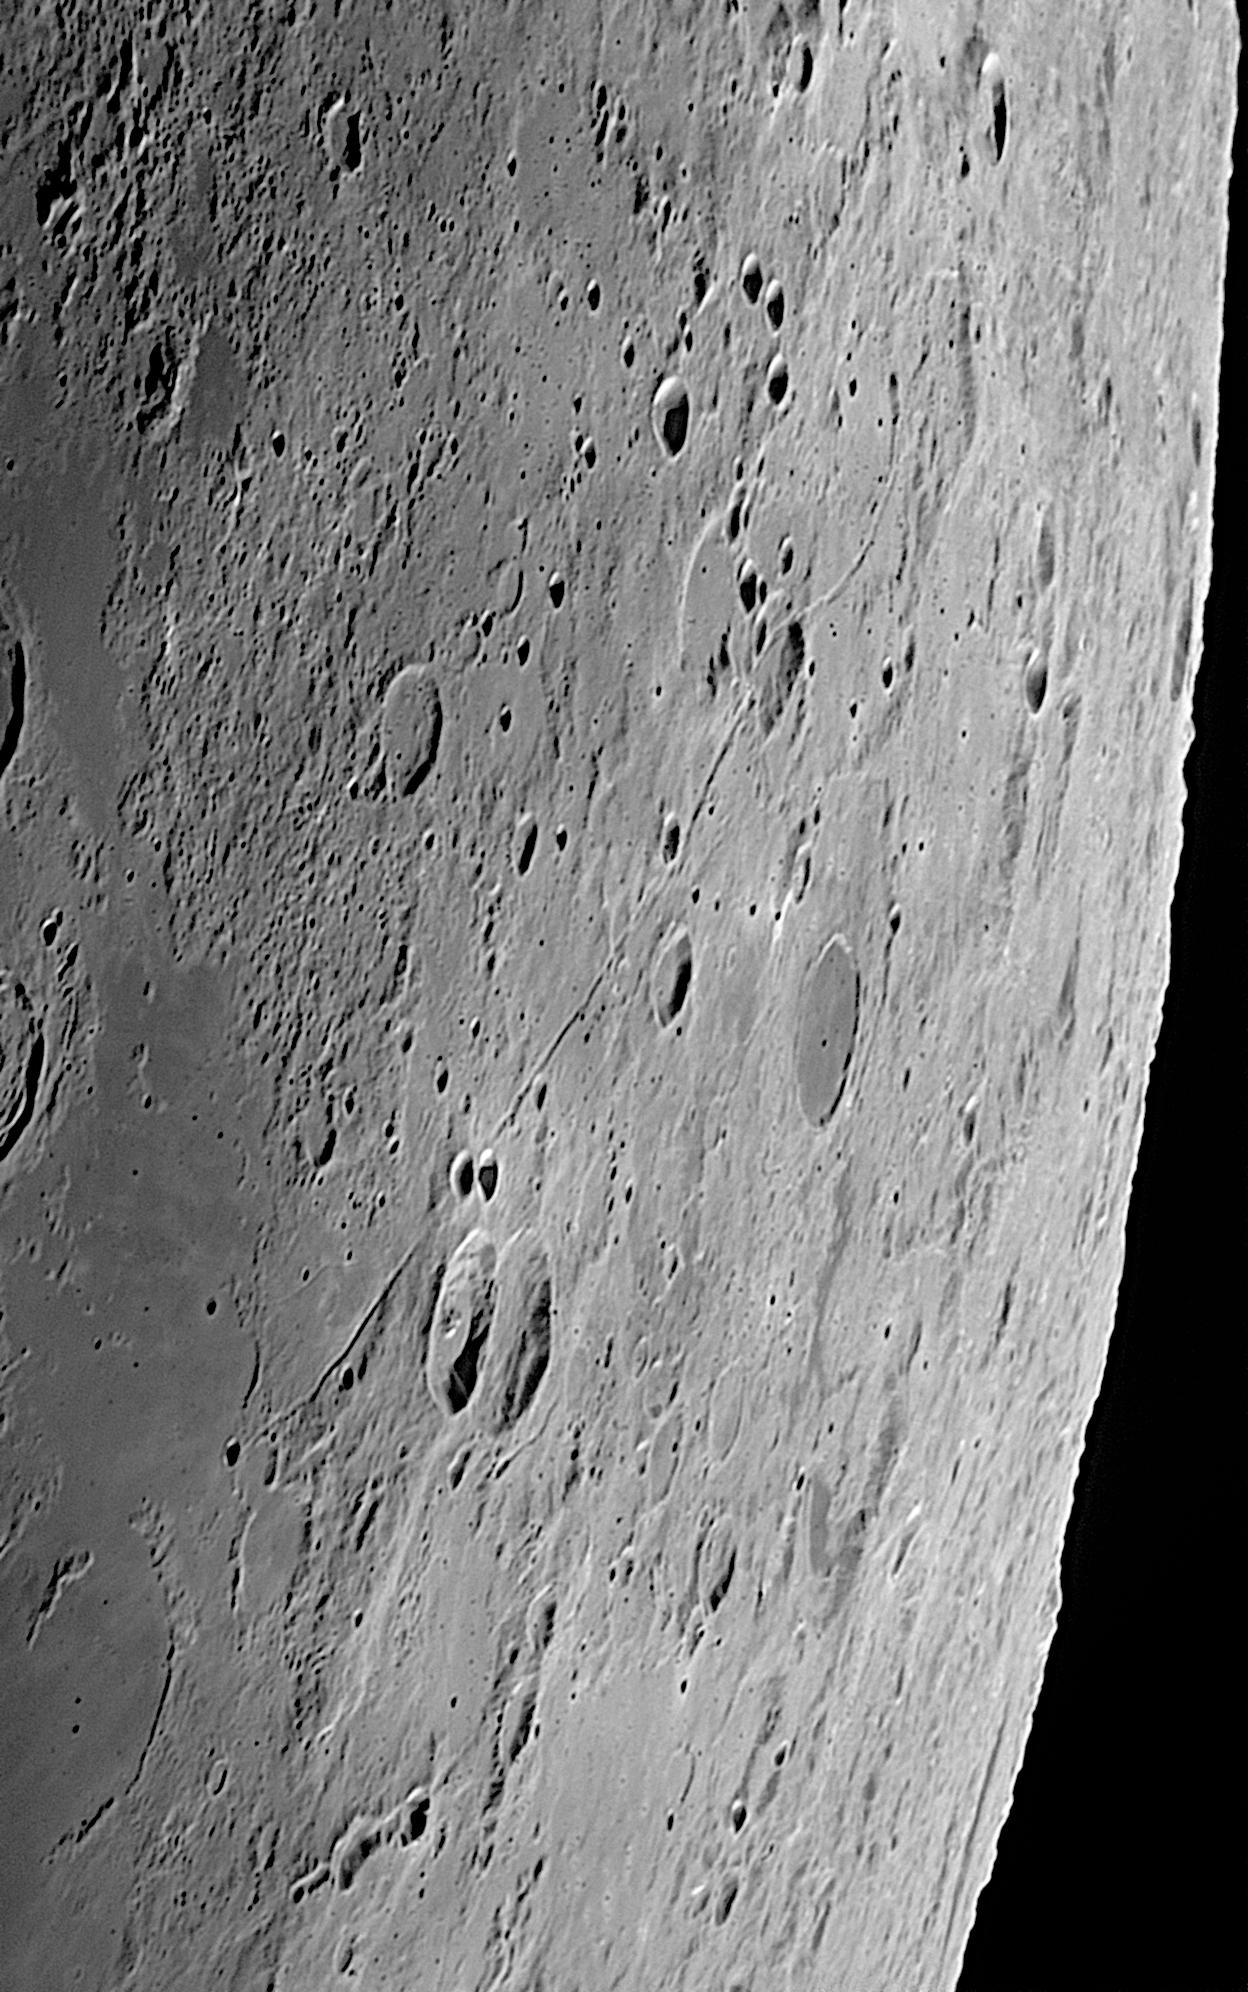 Moon_160730_052158_g2_ap137z.jpg